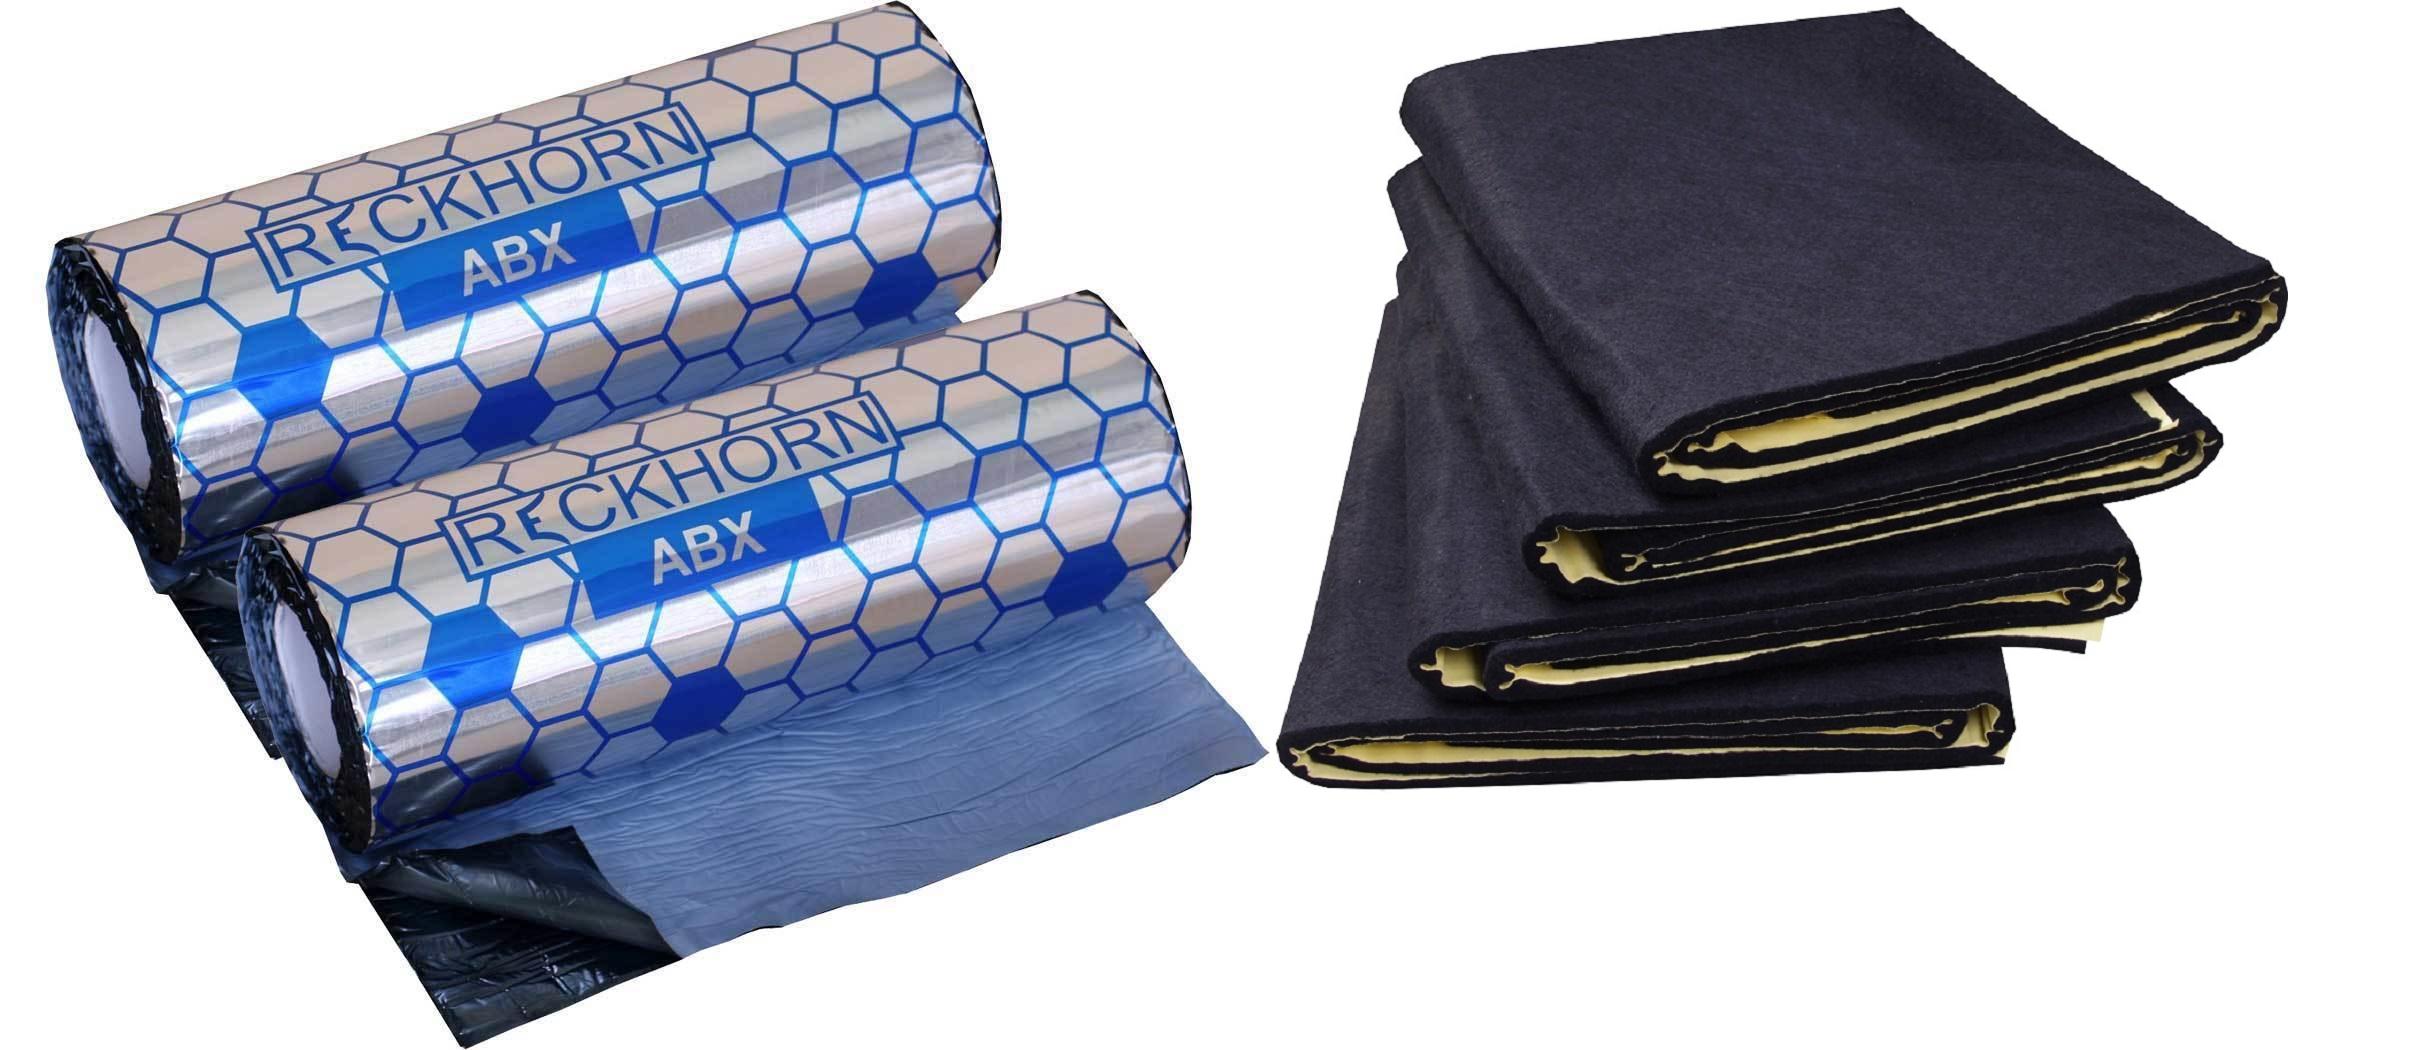 reckhorn 2 x abx 2 mm alubutyl und 1 x neu dv 10i d mmvlies 4 matten. Black Bedroom Furniture Sets. Home Design Ideas